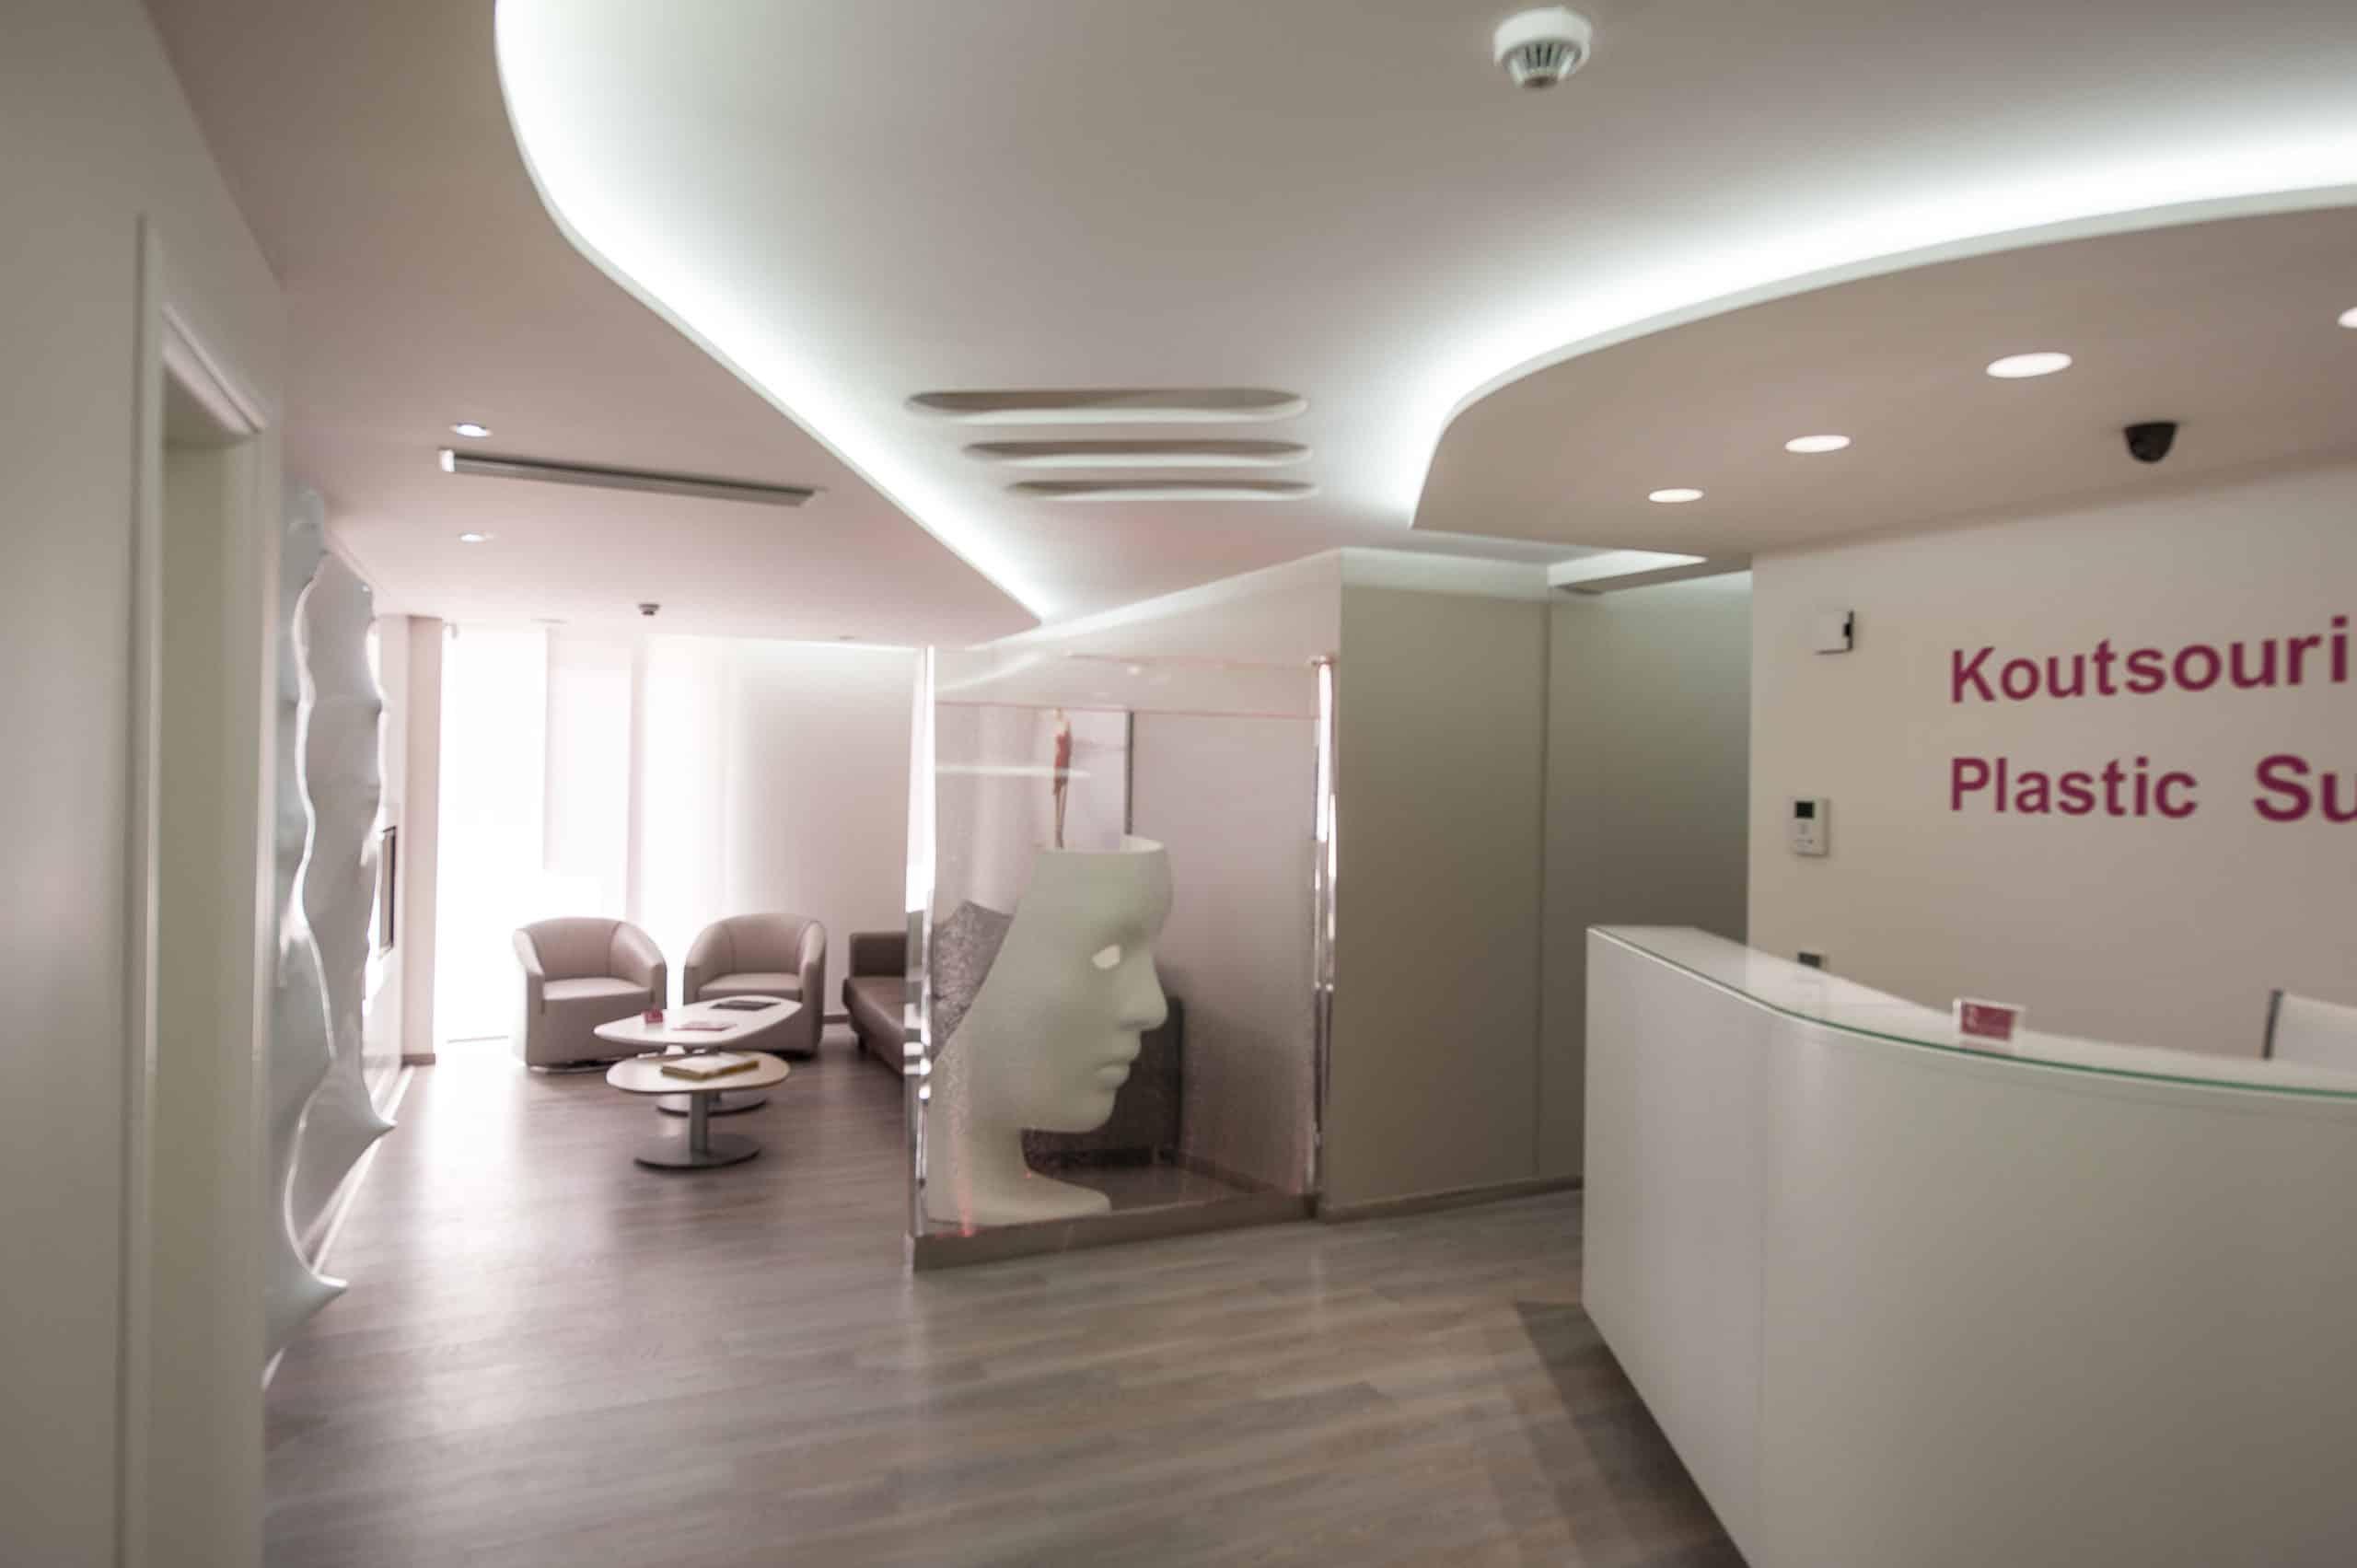 Σχεδιασμός διακόσμησης Ιατρείου Πλαστικής Χειρουργικής στην Τρίπολη